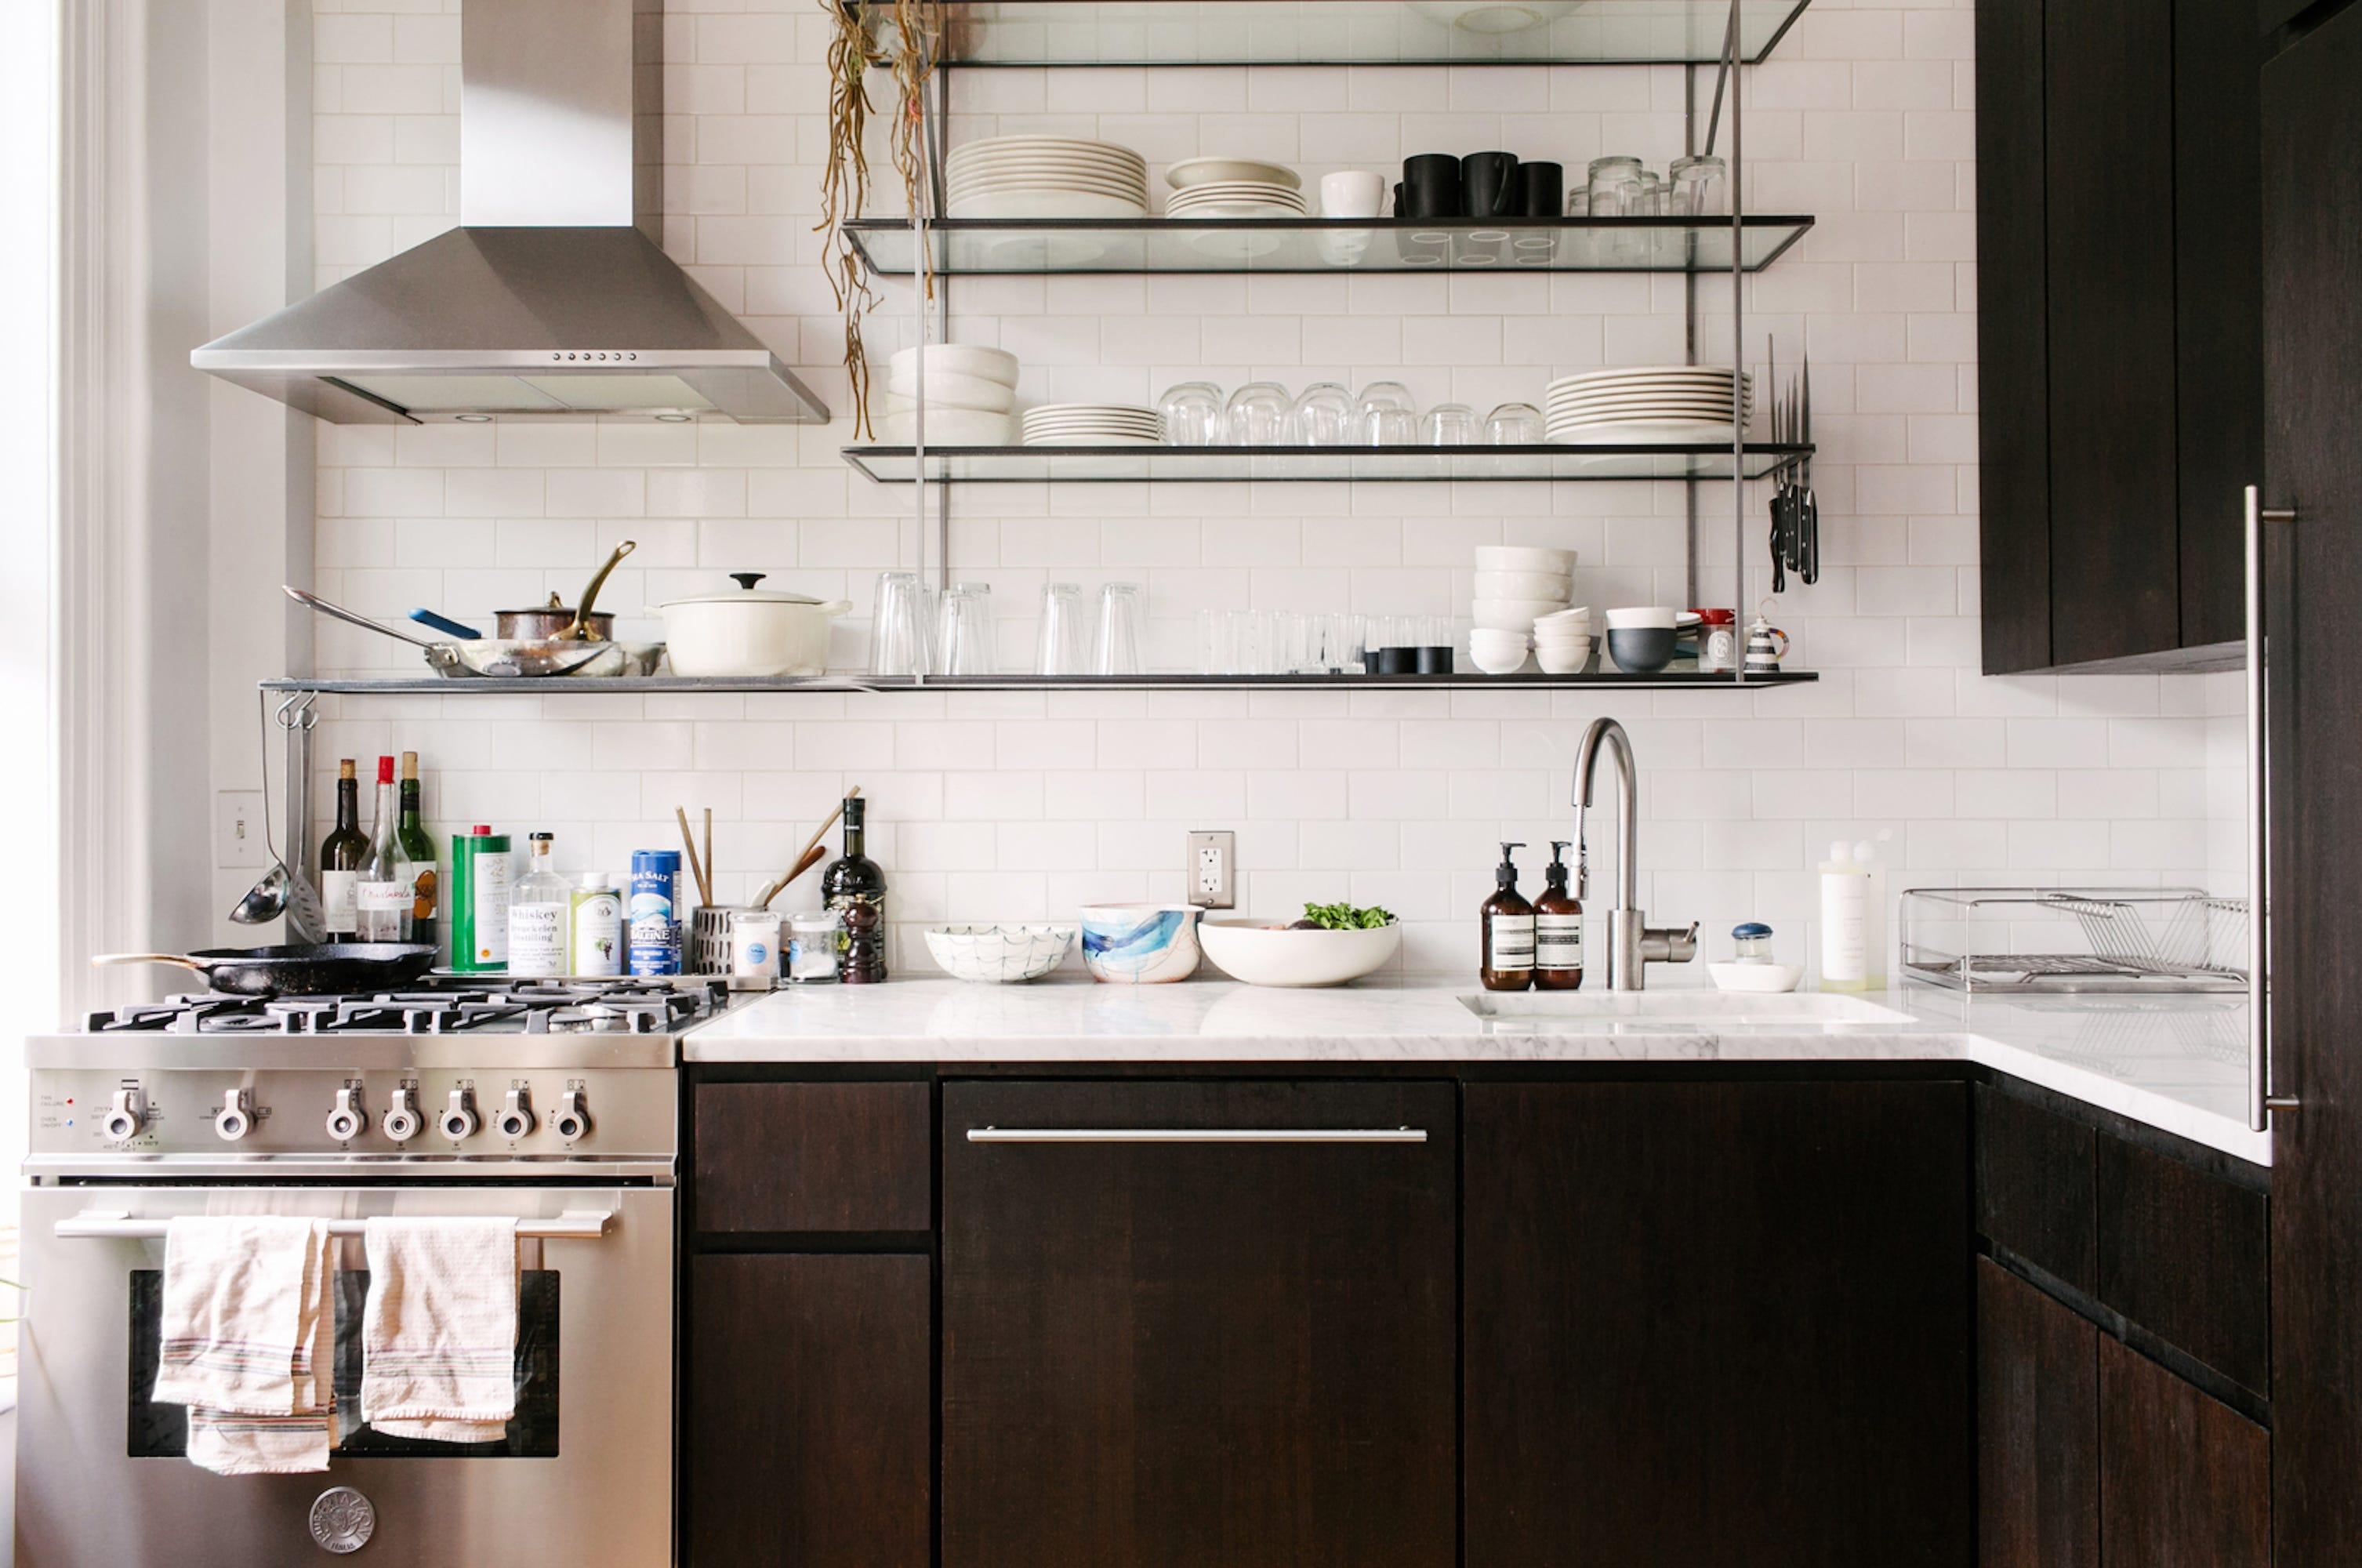 Bring 2019 endlich Ordnung in deine Küche